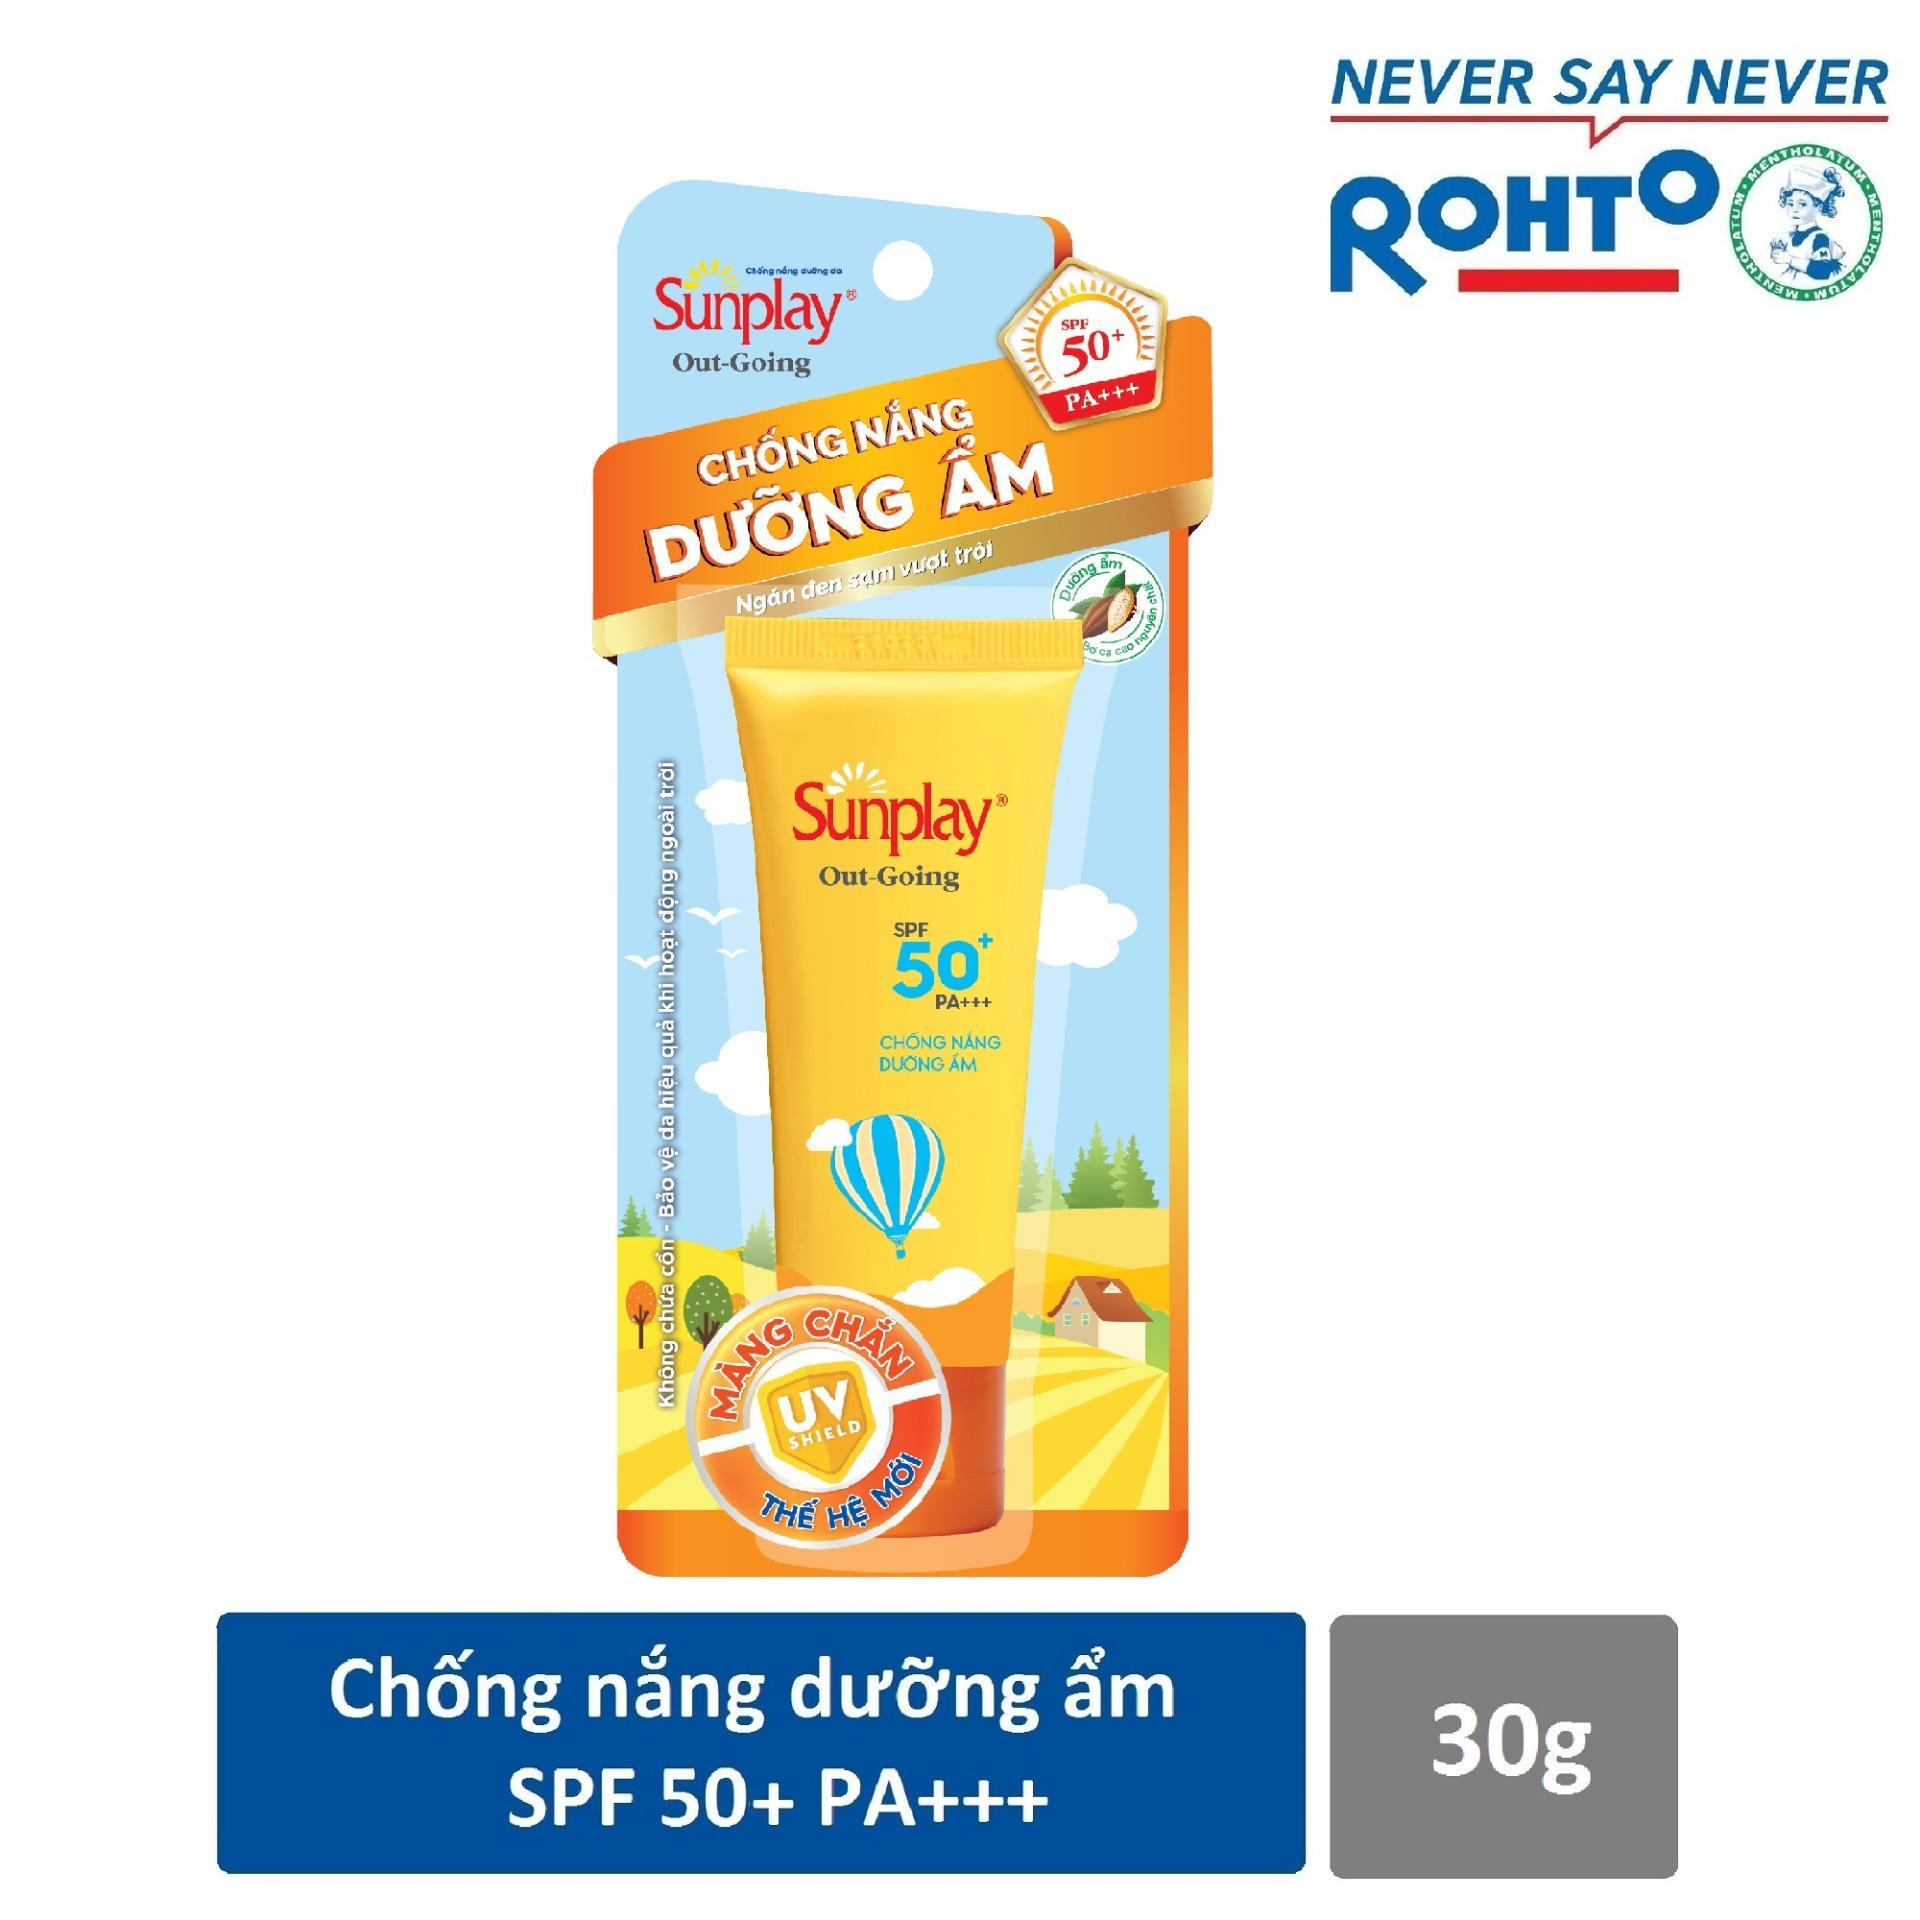 Kem chống nắng dưỡng da Sunplay Out Going SPF 50+, PA+++  30g nhập khẩu